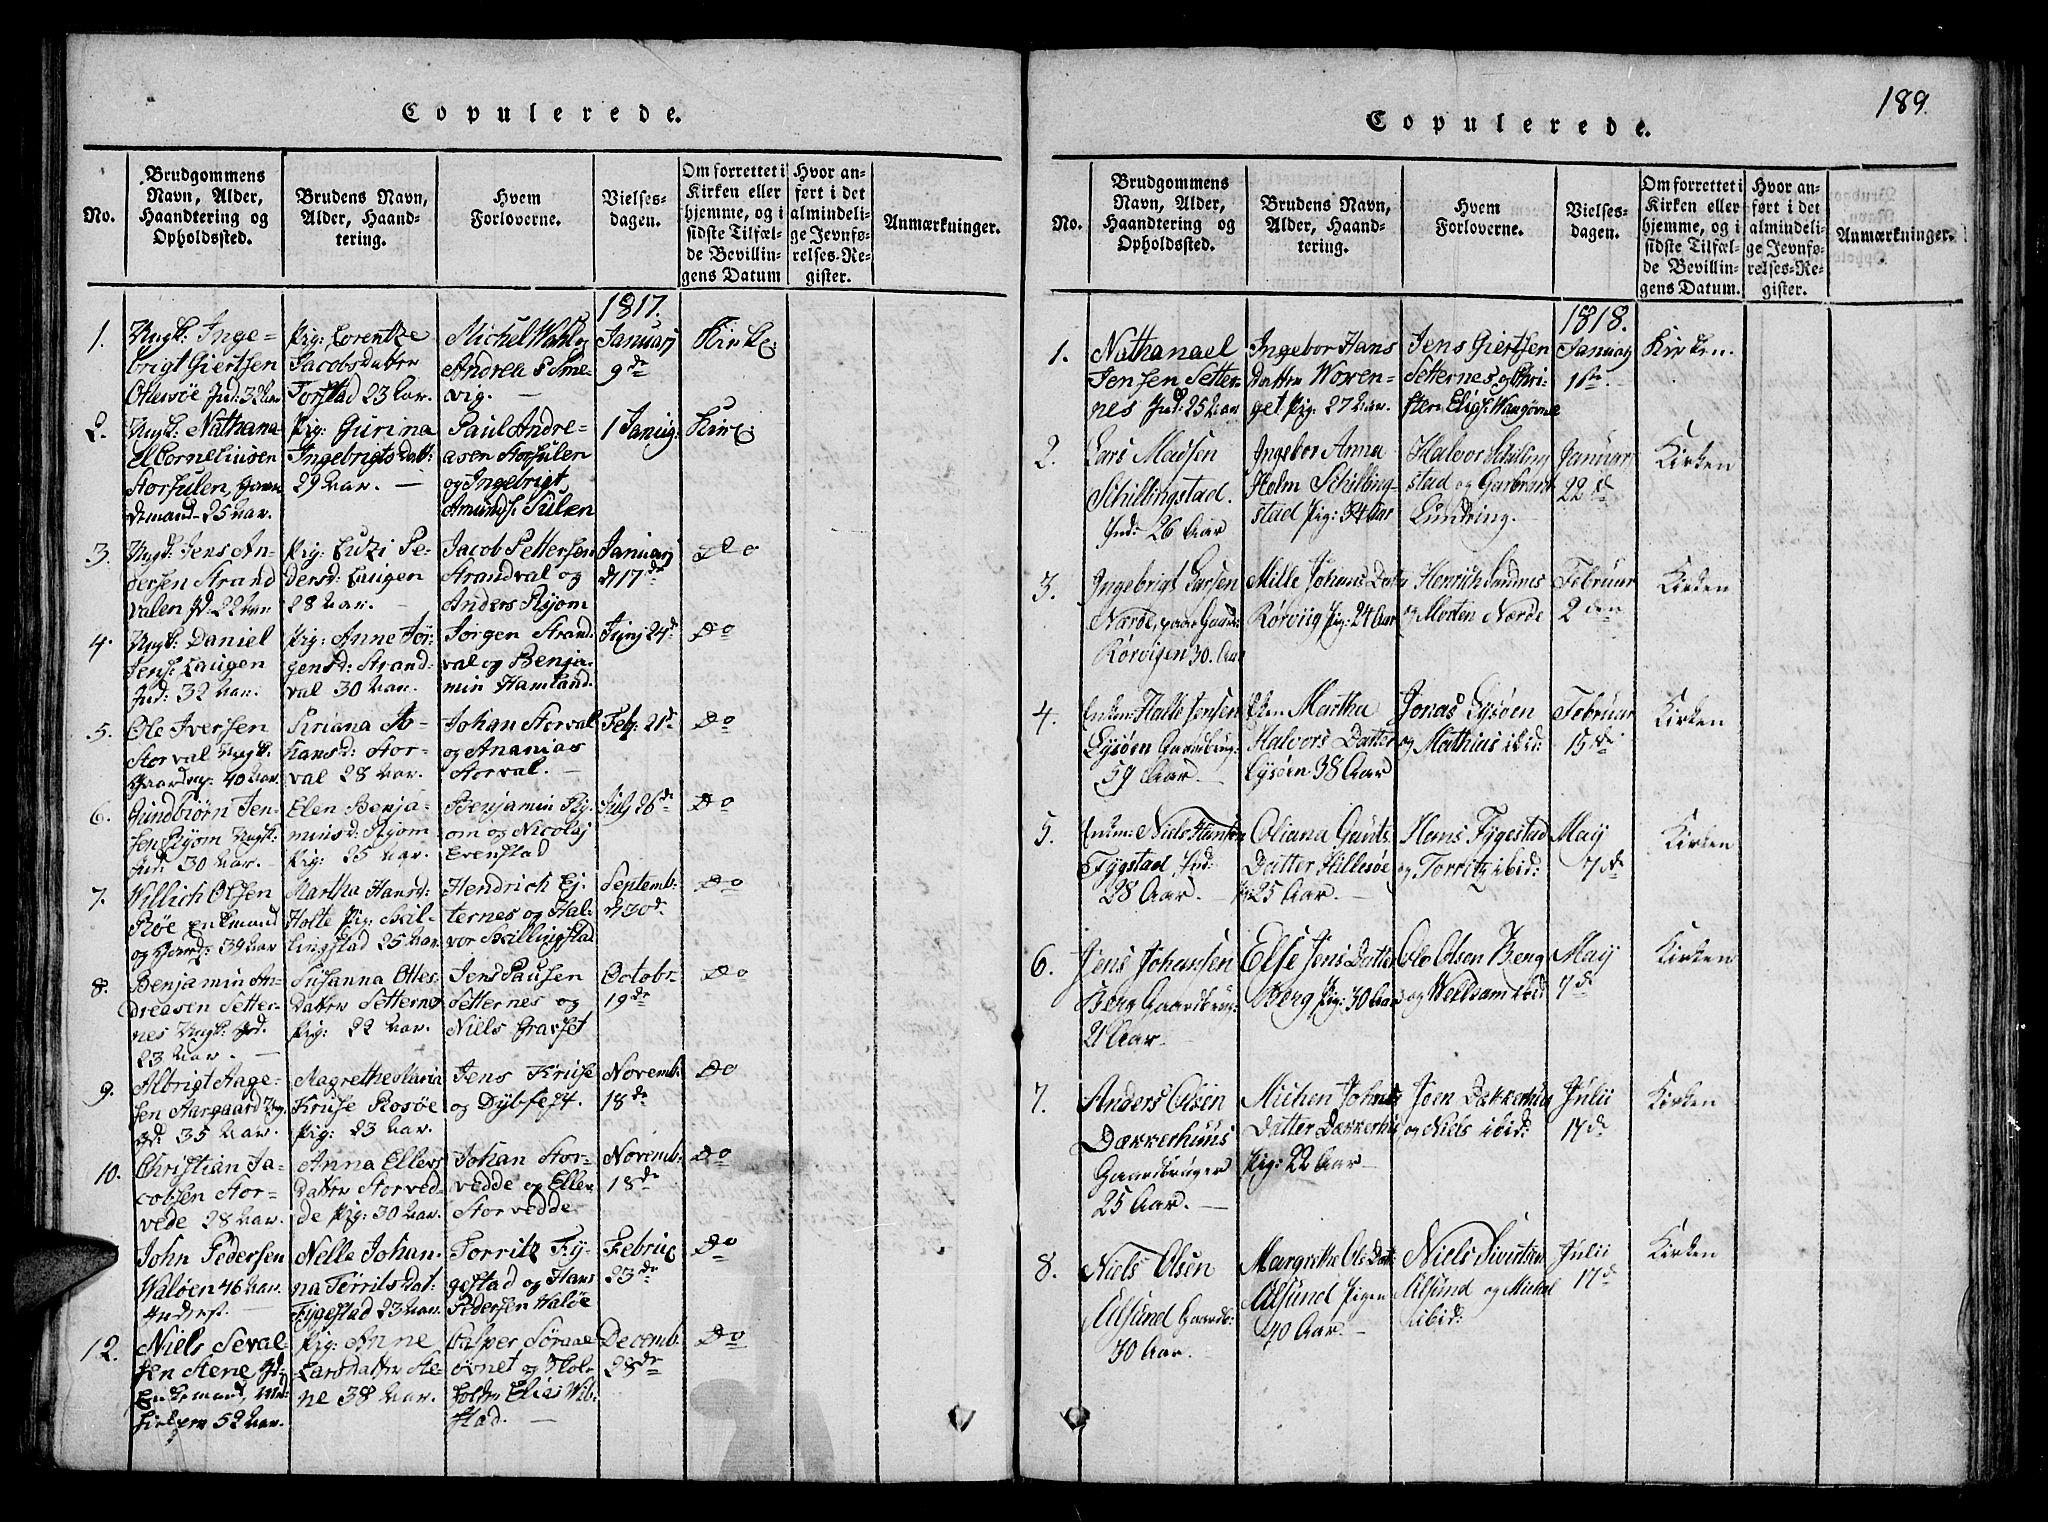 SAT, Ministerialprotokoller, klokkerbøker og fødselsregistre - Nord-Trøndelag, 784/L0667: Ministerialbok nr. 784A03 /1, 1816-1829, s. 189